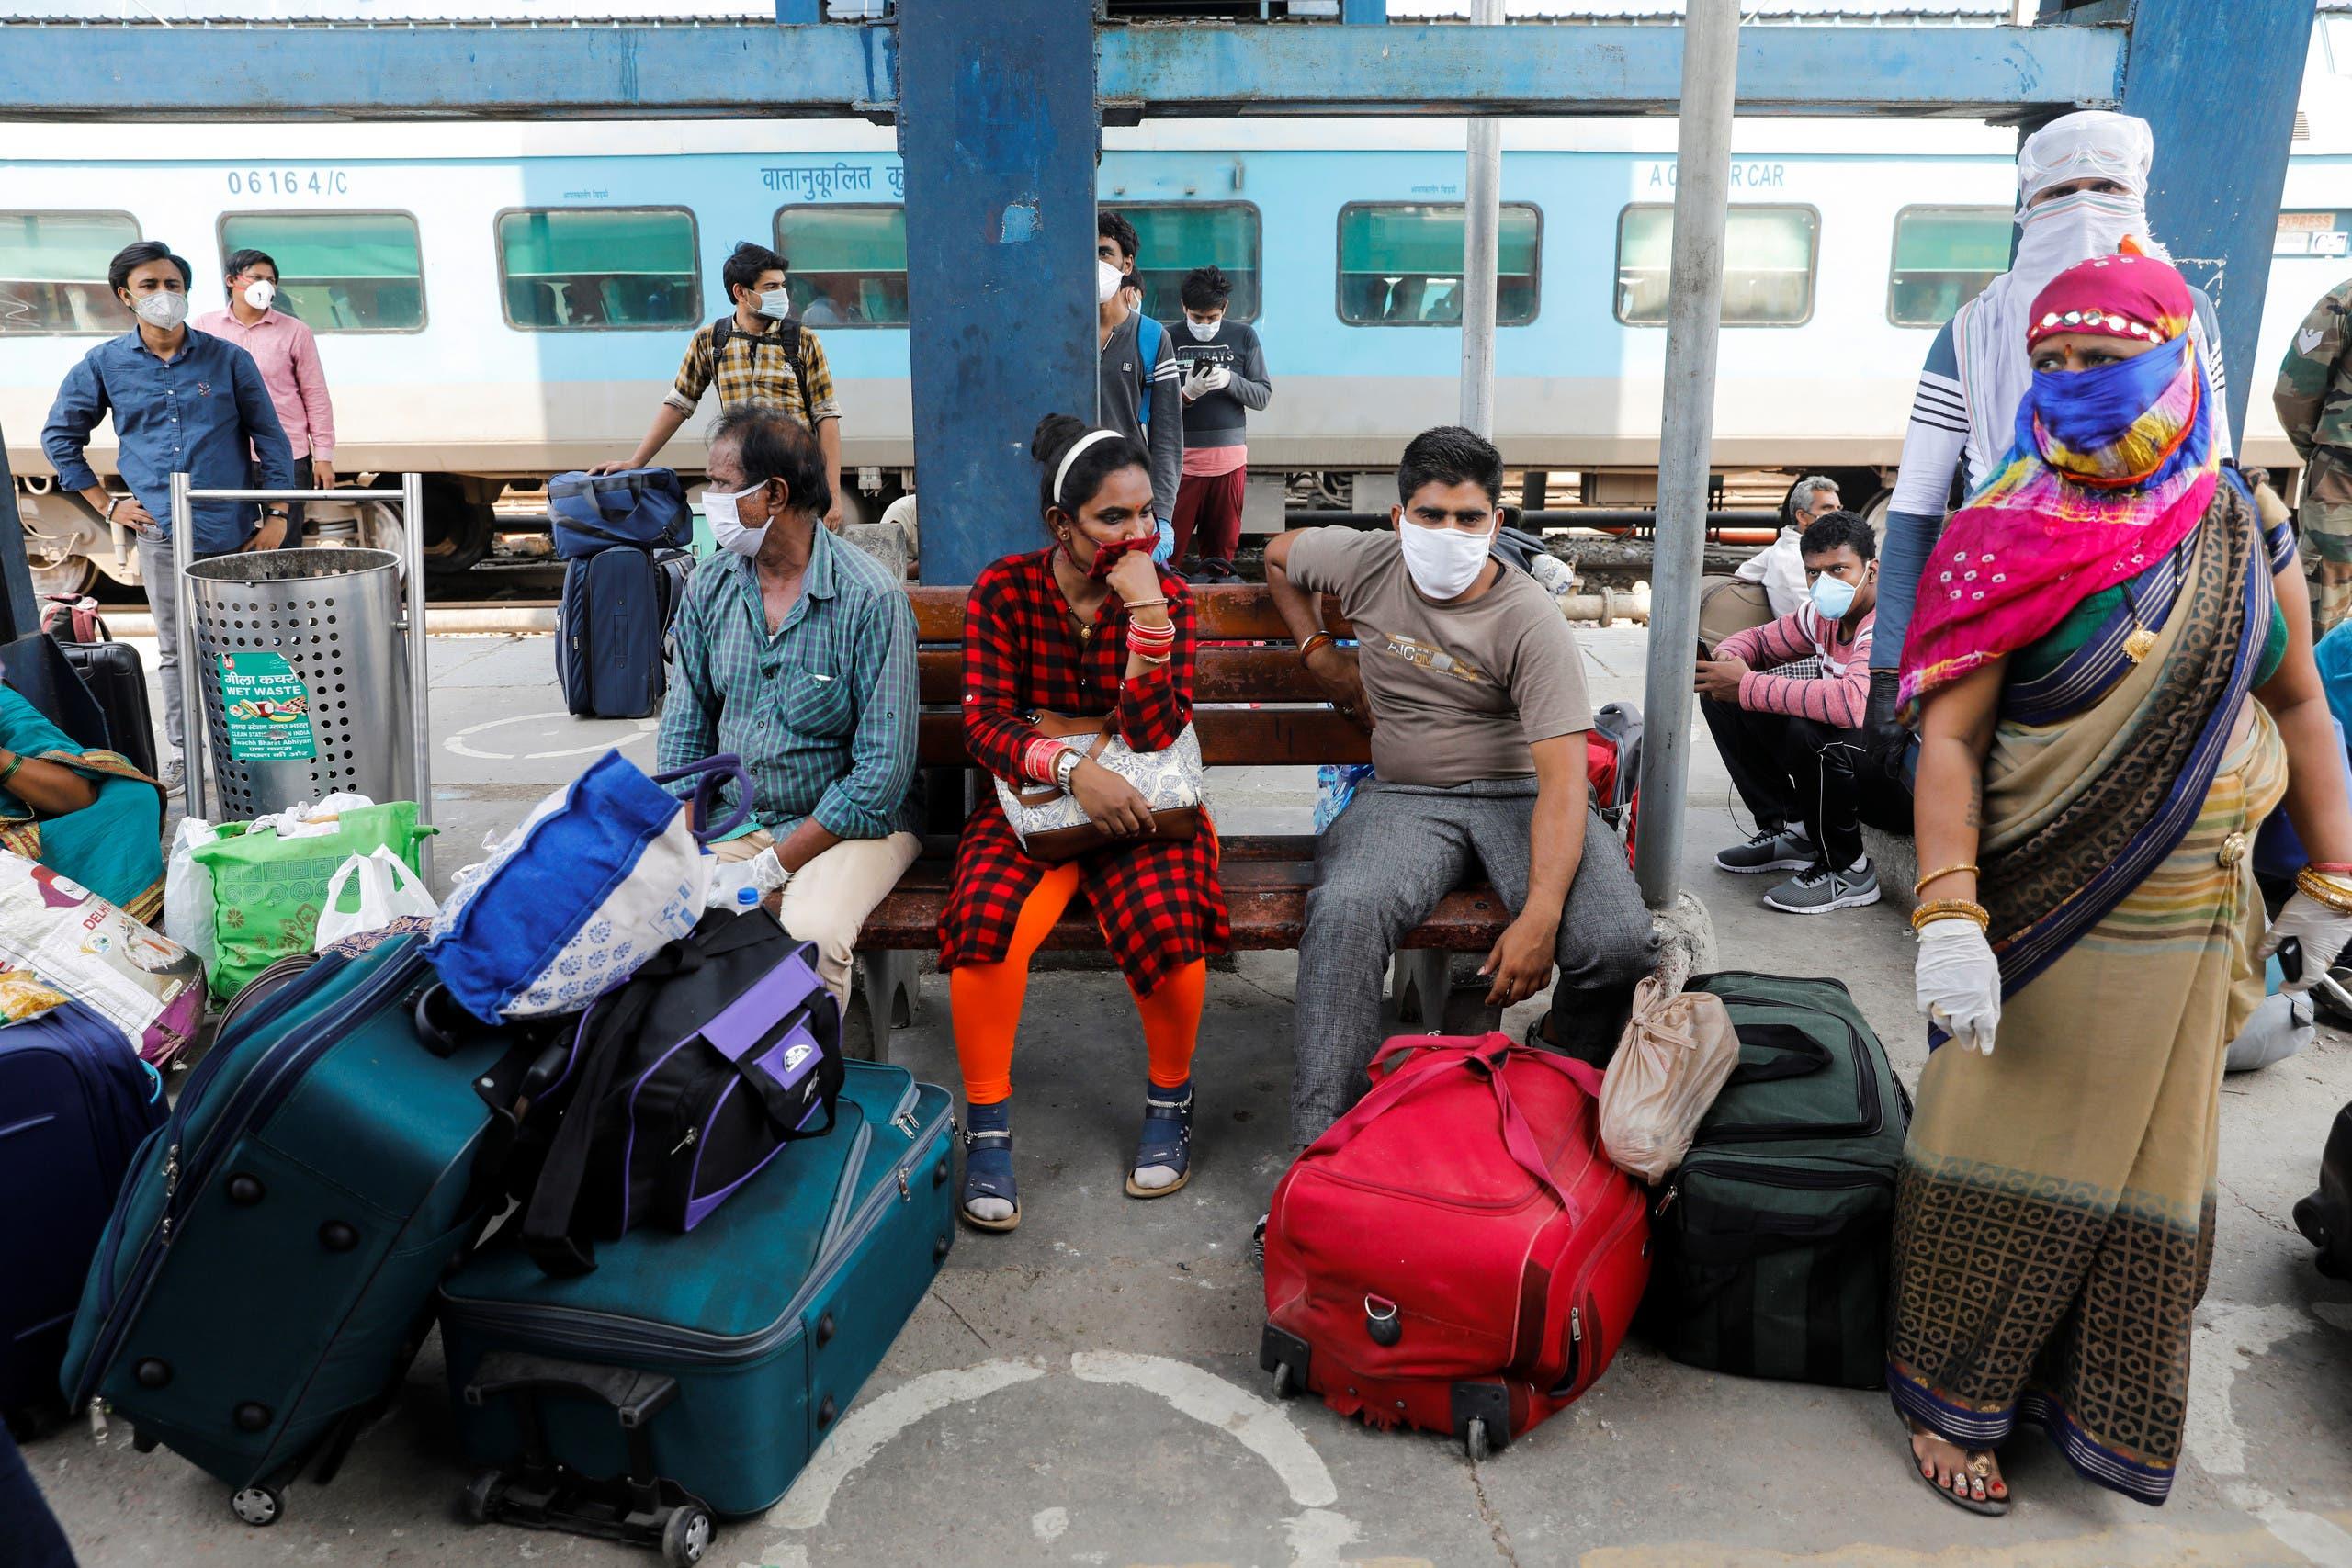 مسافرون داخل محطة قطارات في الهند (أرشيفية من رويترز)